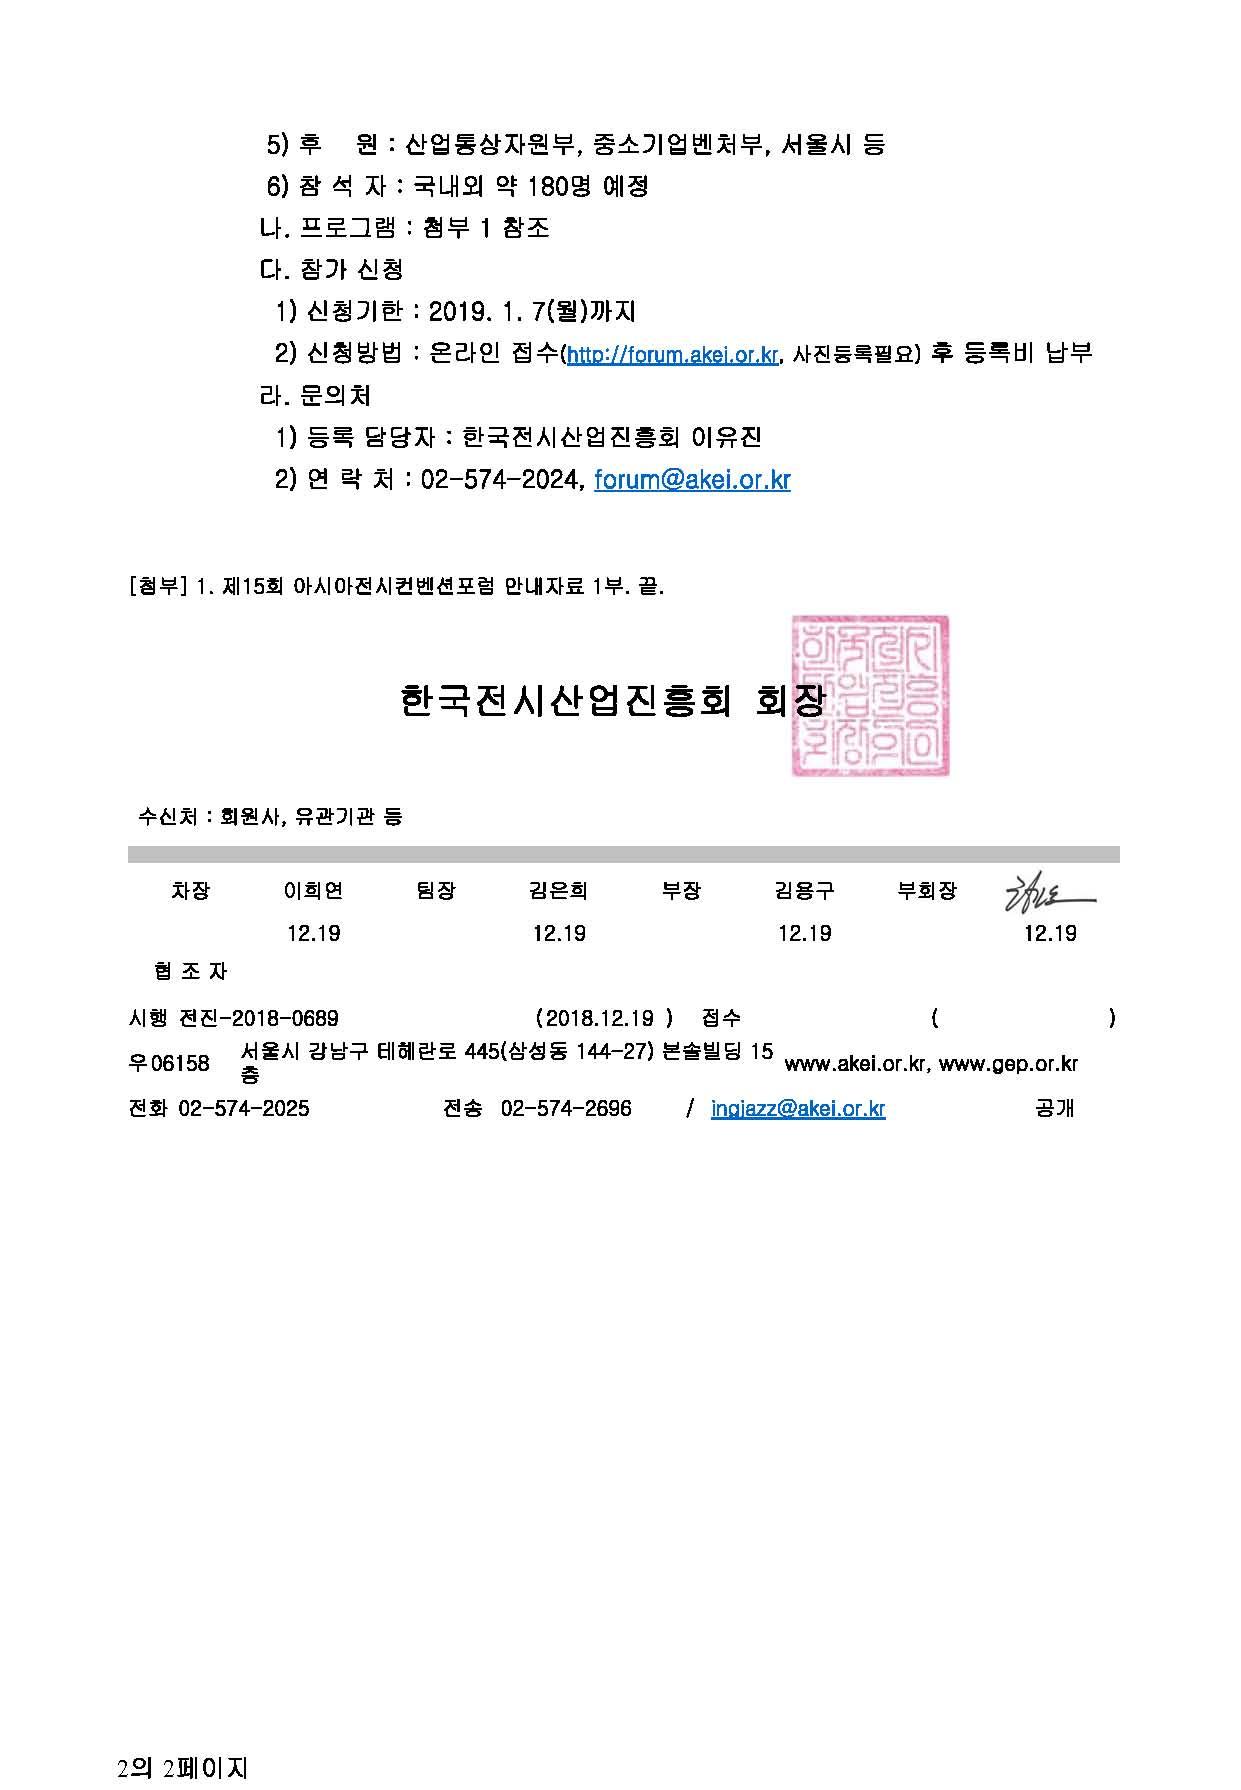 1. (전진-2018-0689) 제15회 아시아전시컨벤션포럼 참가 안내 공문_페이지_2.jpg